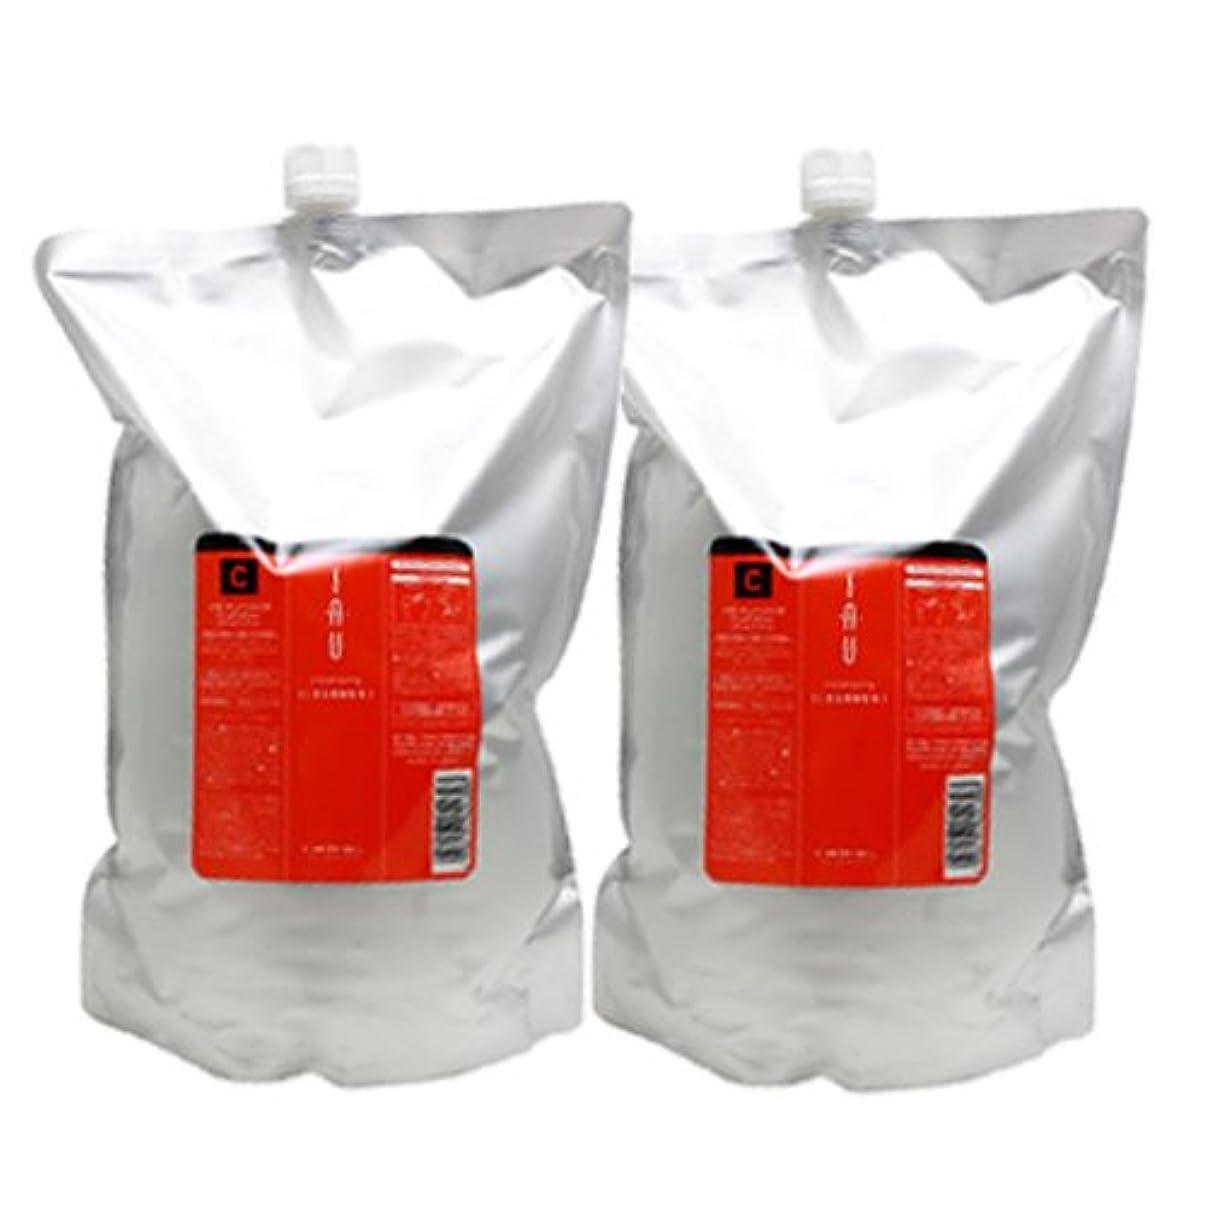 遅い小麦粉健全ルベル イオ クレンジング(シャンプー) クリアメント 2500mL × 2本 セット 詰め替え LebeL iau